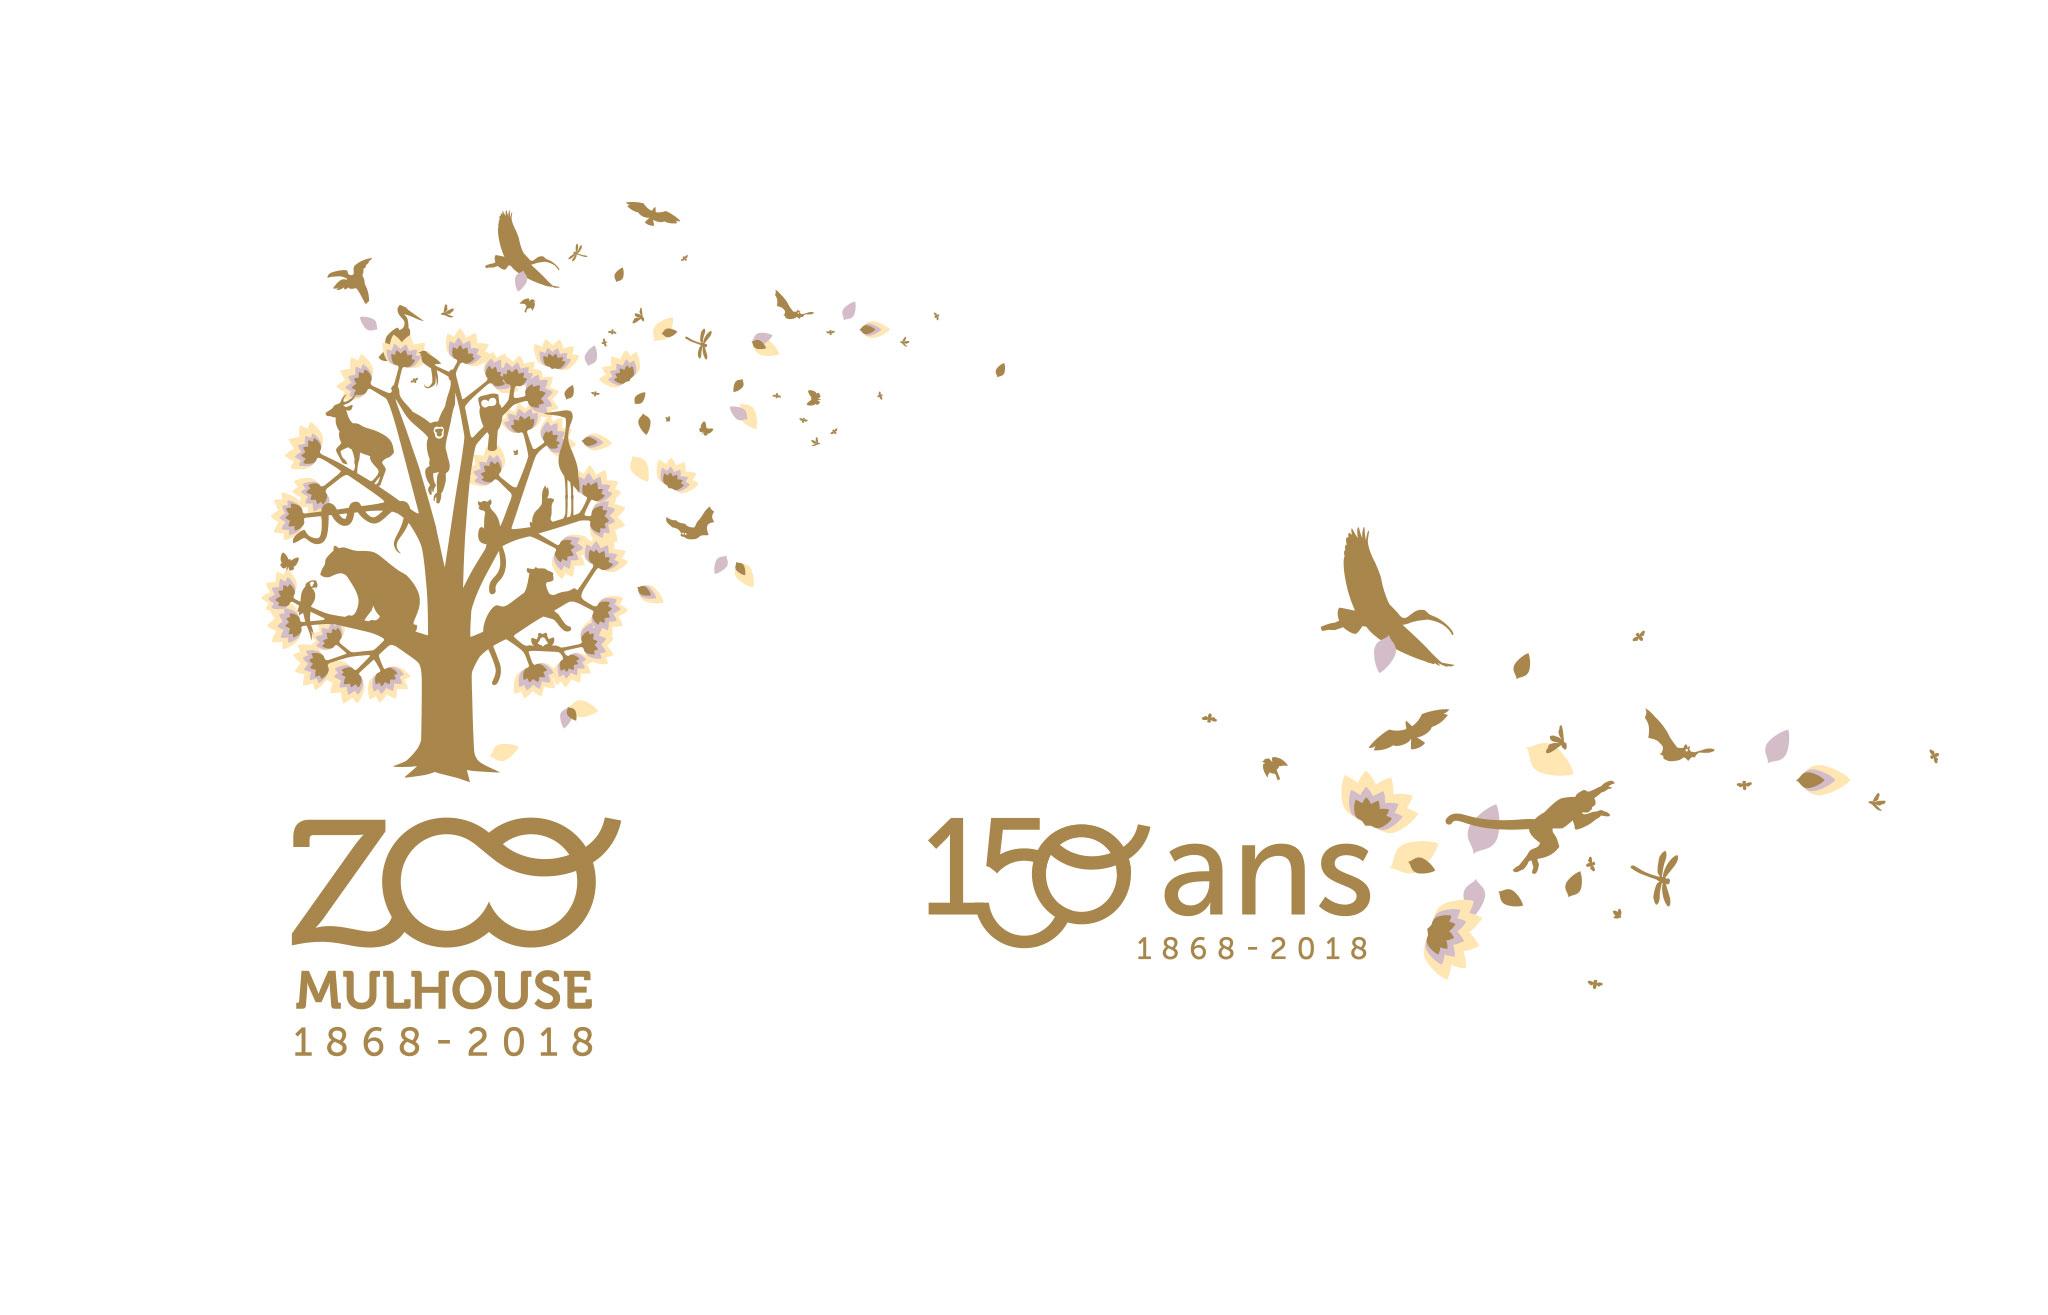 Logo anniversaire 150 ans Parc zoologique Mulhouse Alsace